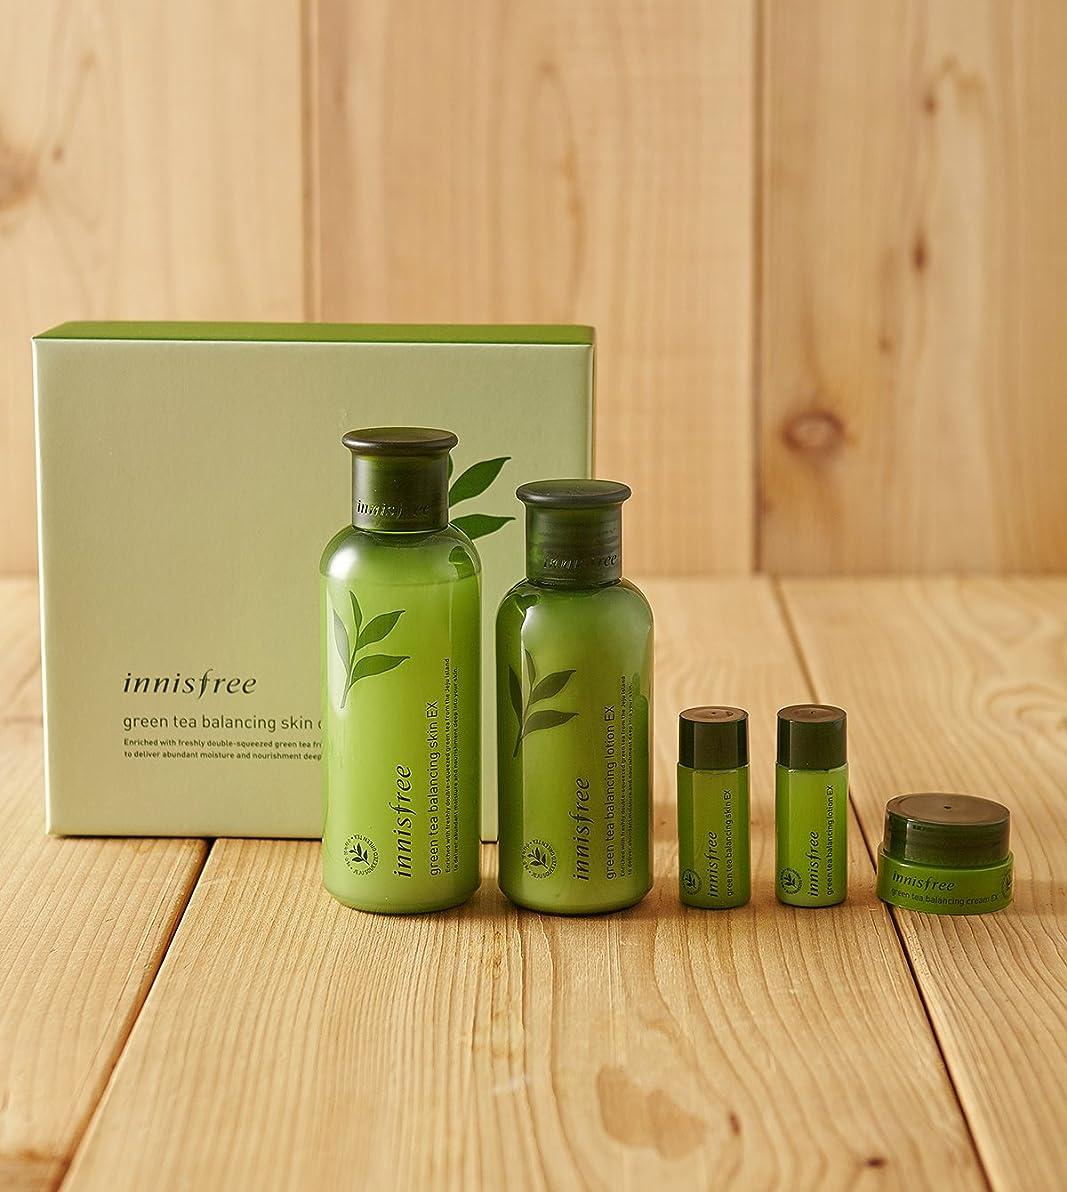 ワイプ活気づける勘違いするinnisfree green tea balancing skin care set ex/イニスフリーグリーンティーバランシングスキンケアセットex